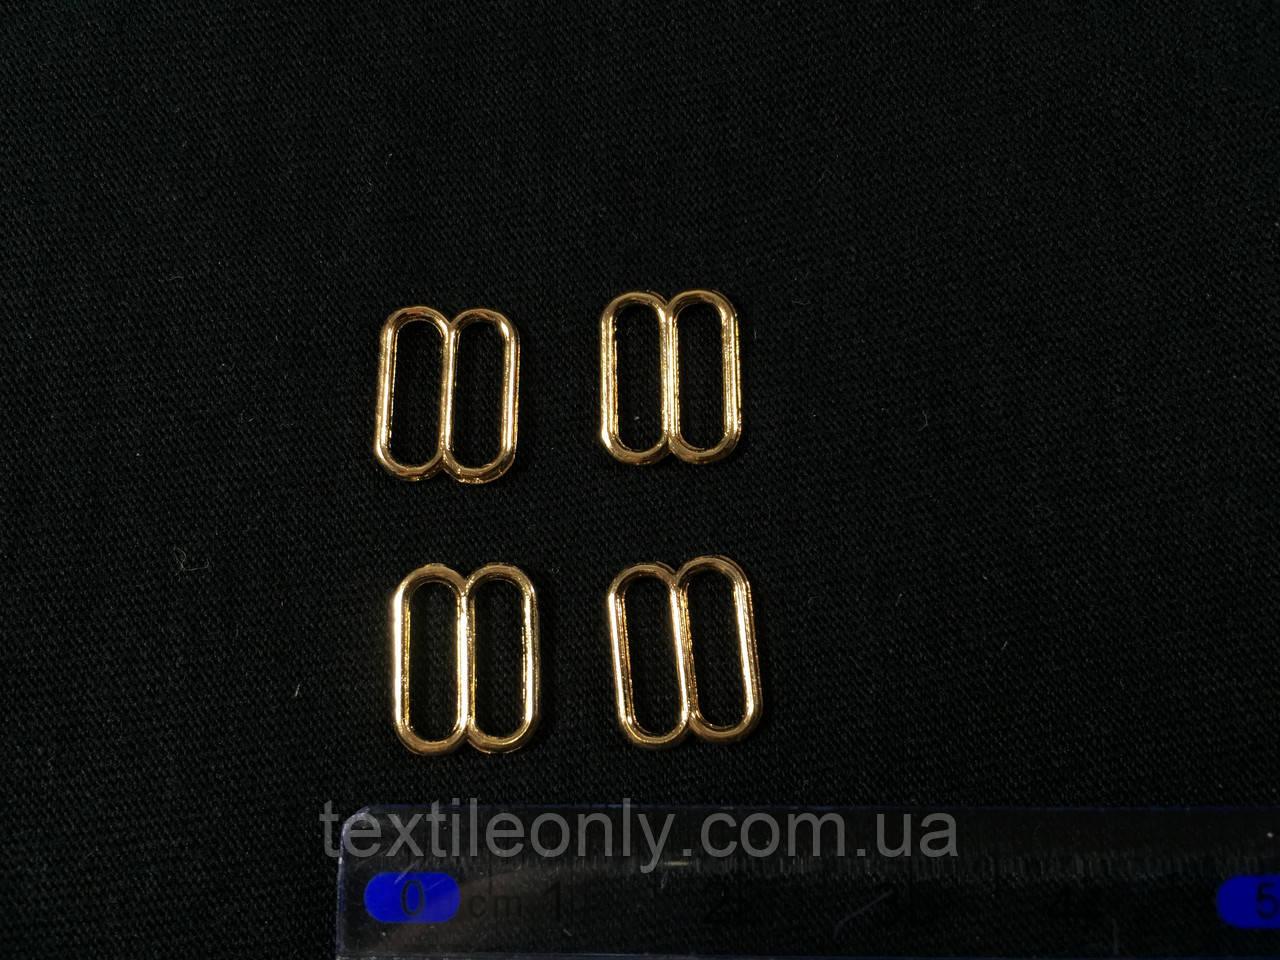 Перетяжка бельевая 10 мм цвет золото